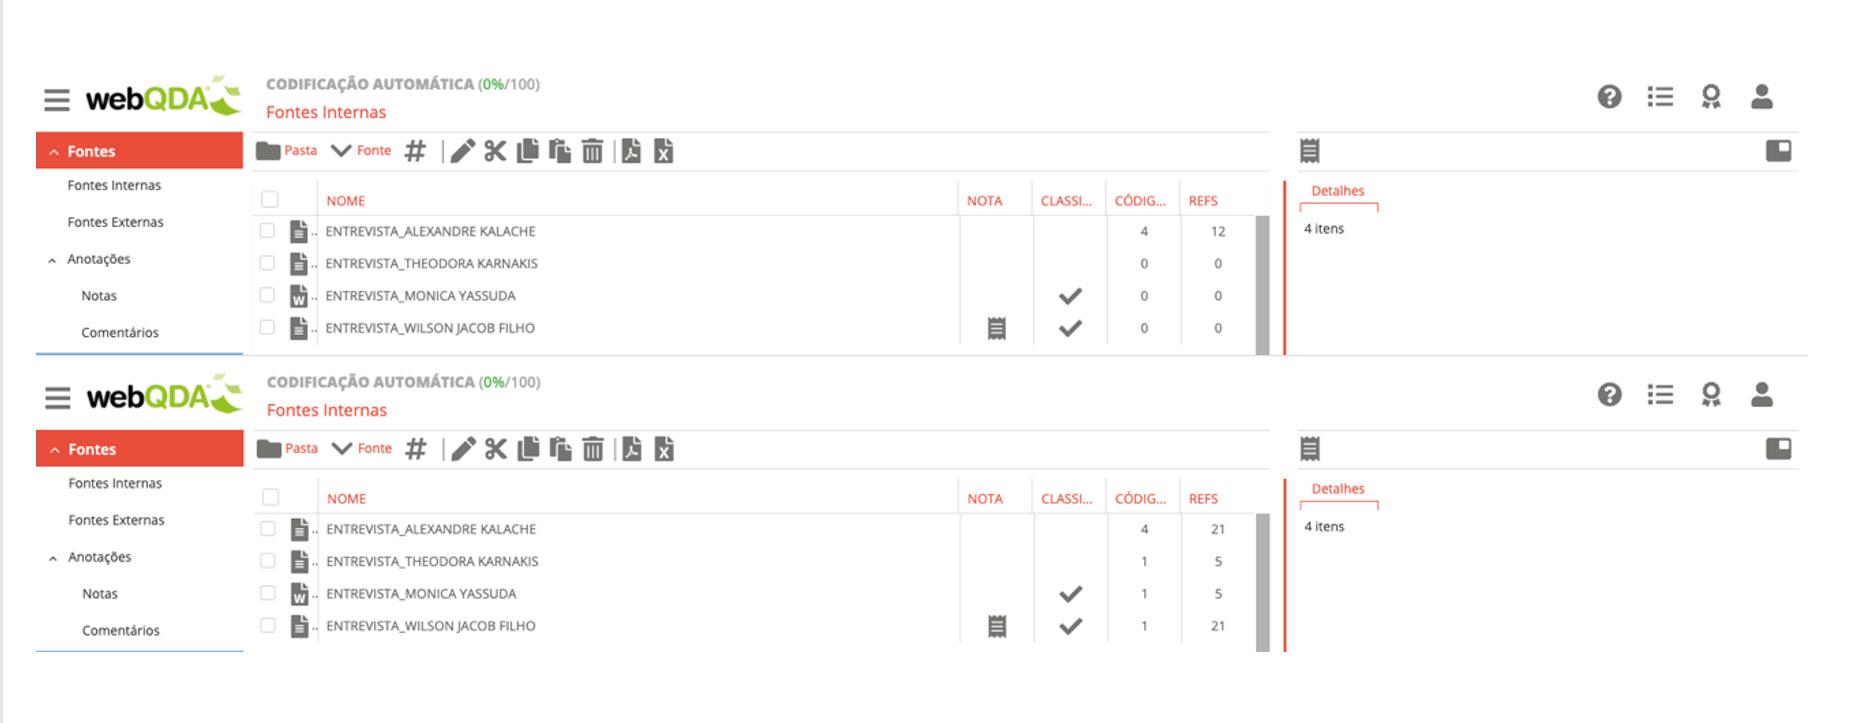 Número de referências antes e após a Codificação Automática